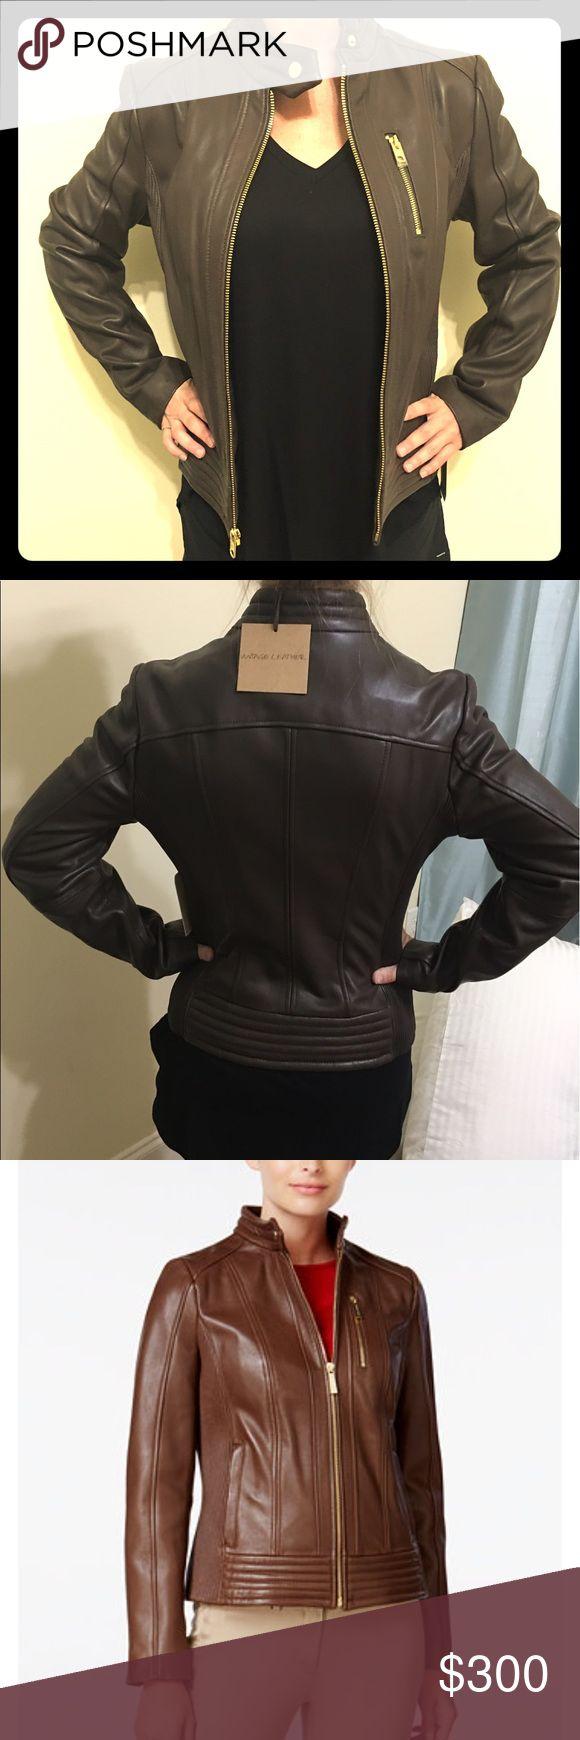 VIDA Leather Statement Clutch - Omg Becky3 by VIDA 7aS4xx6X